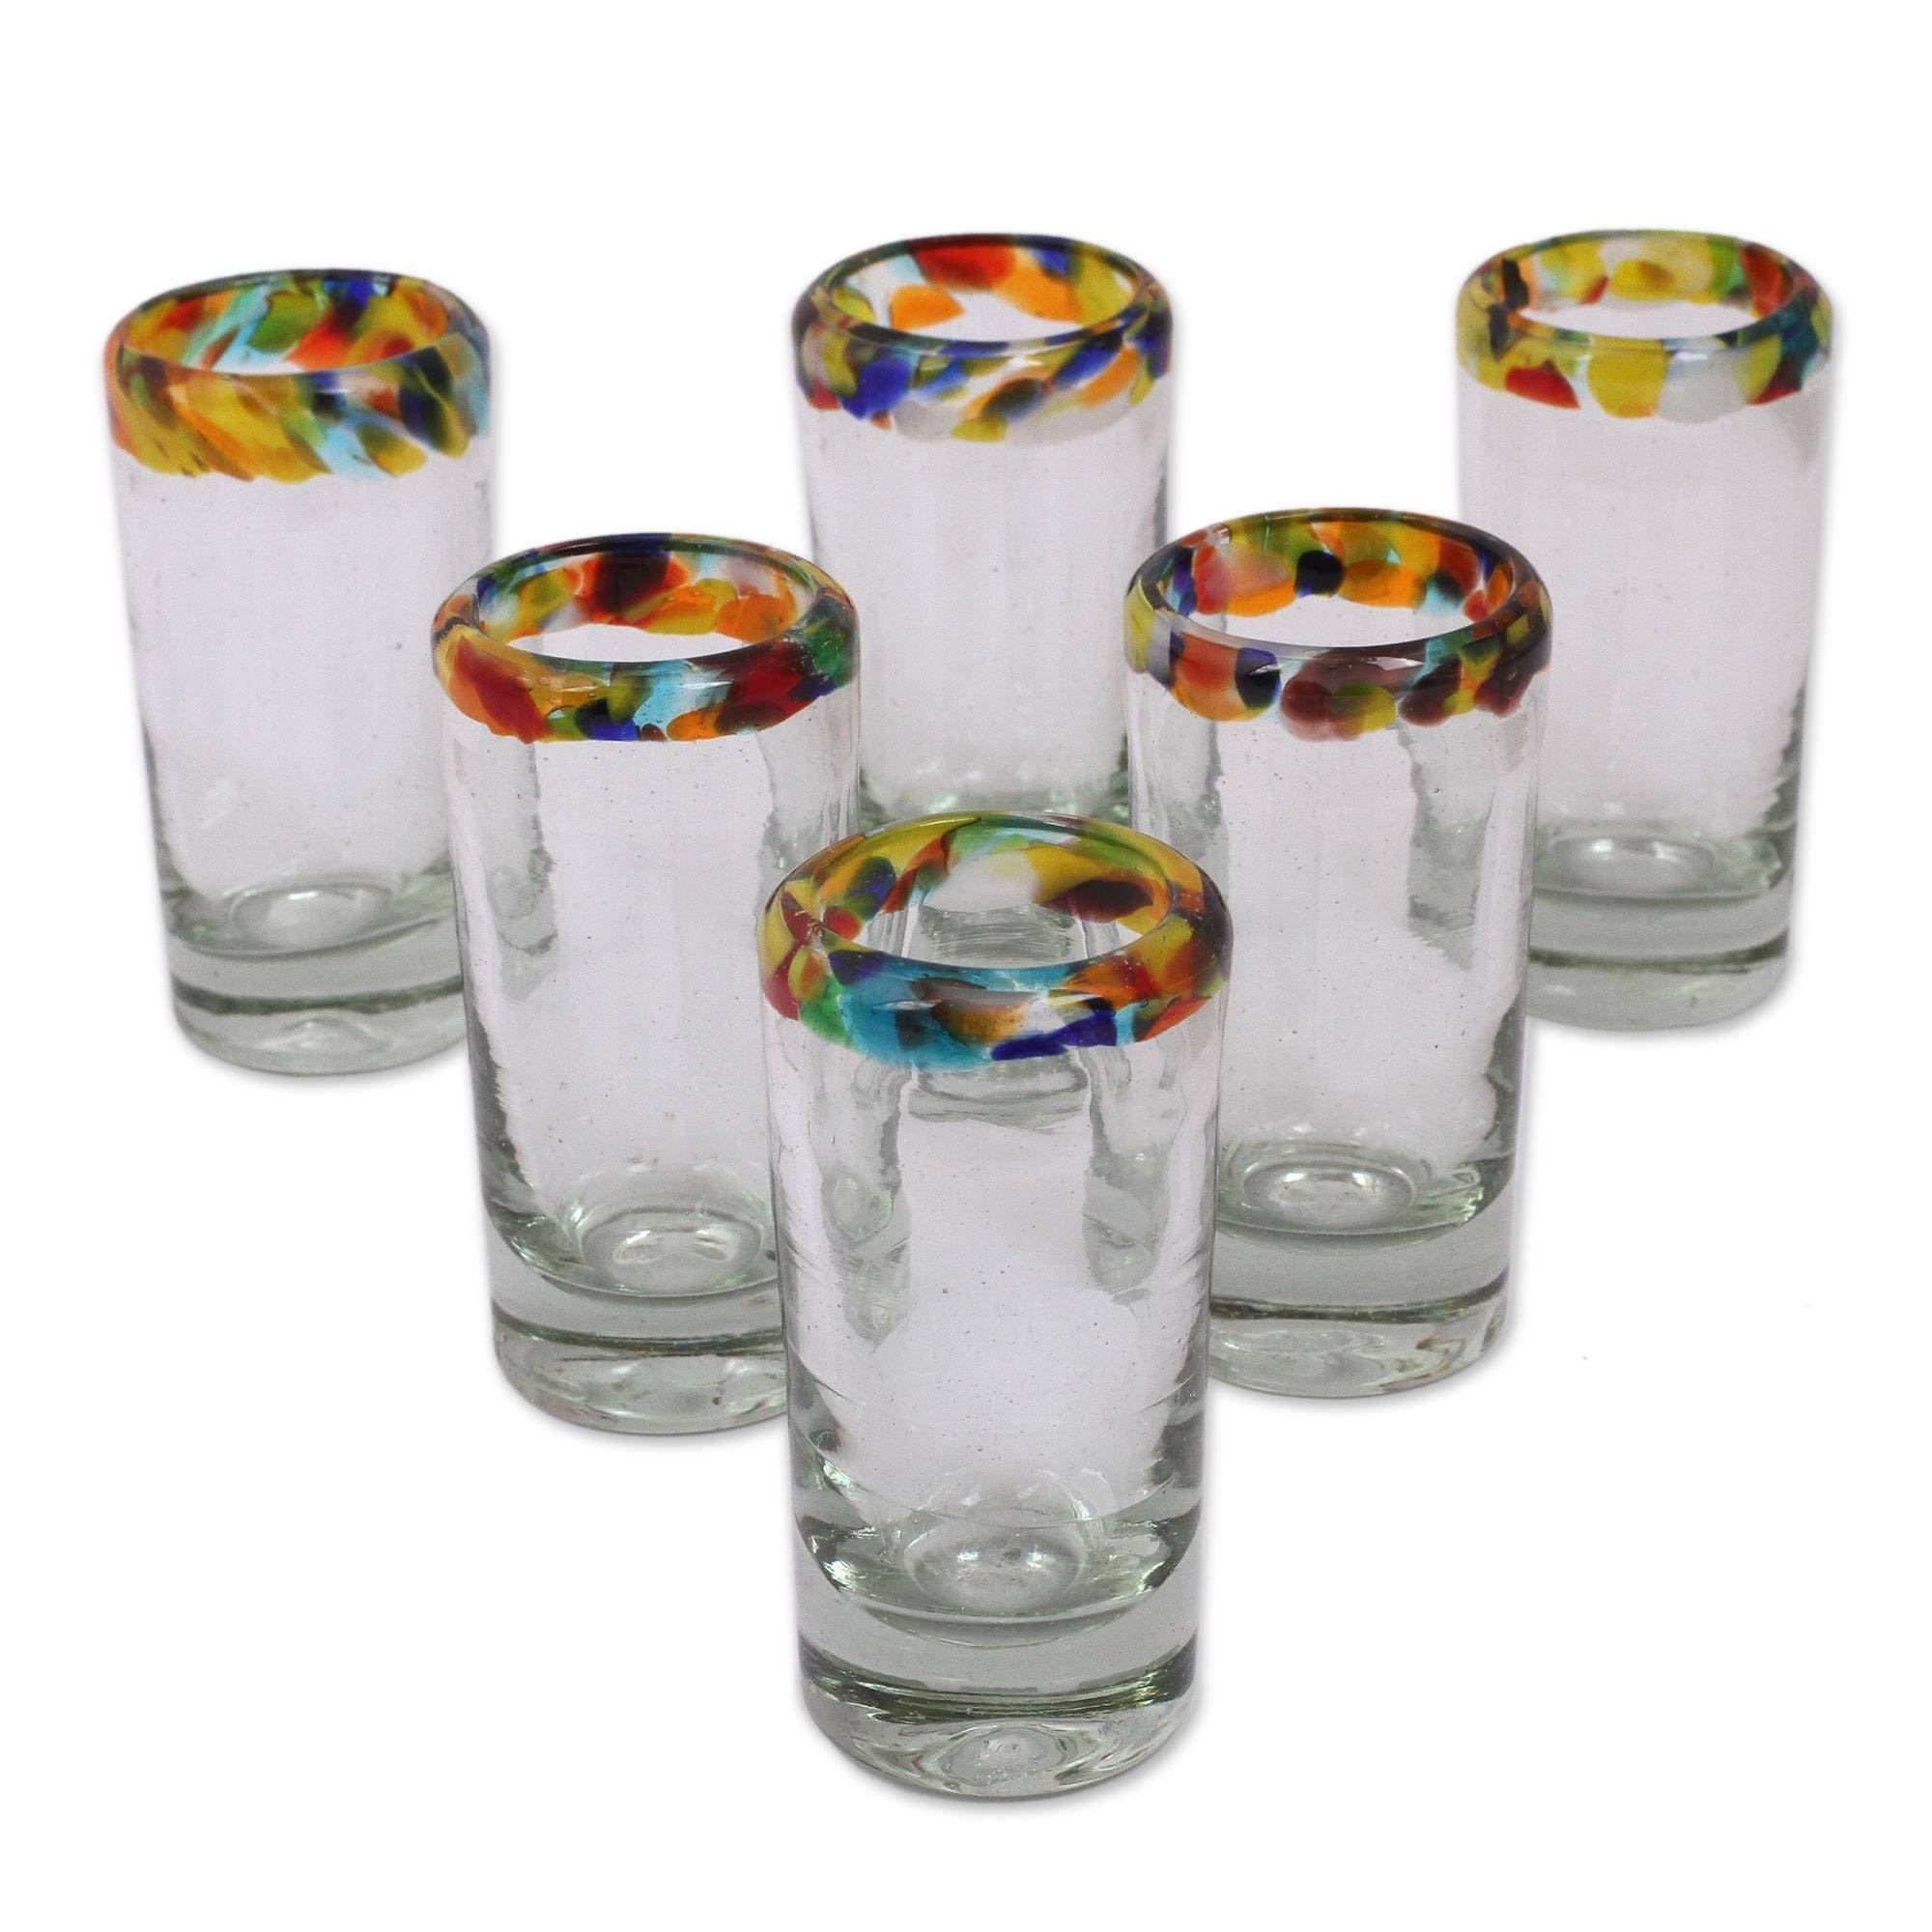 NOVICA 228620 ' 'Confetti' Blown Tequila Shot Glasses Set of 6, 3.5''Tall, Multicolored